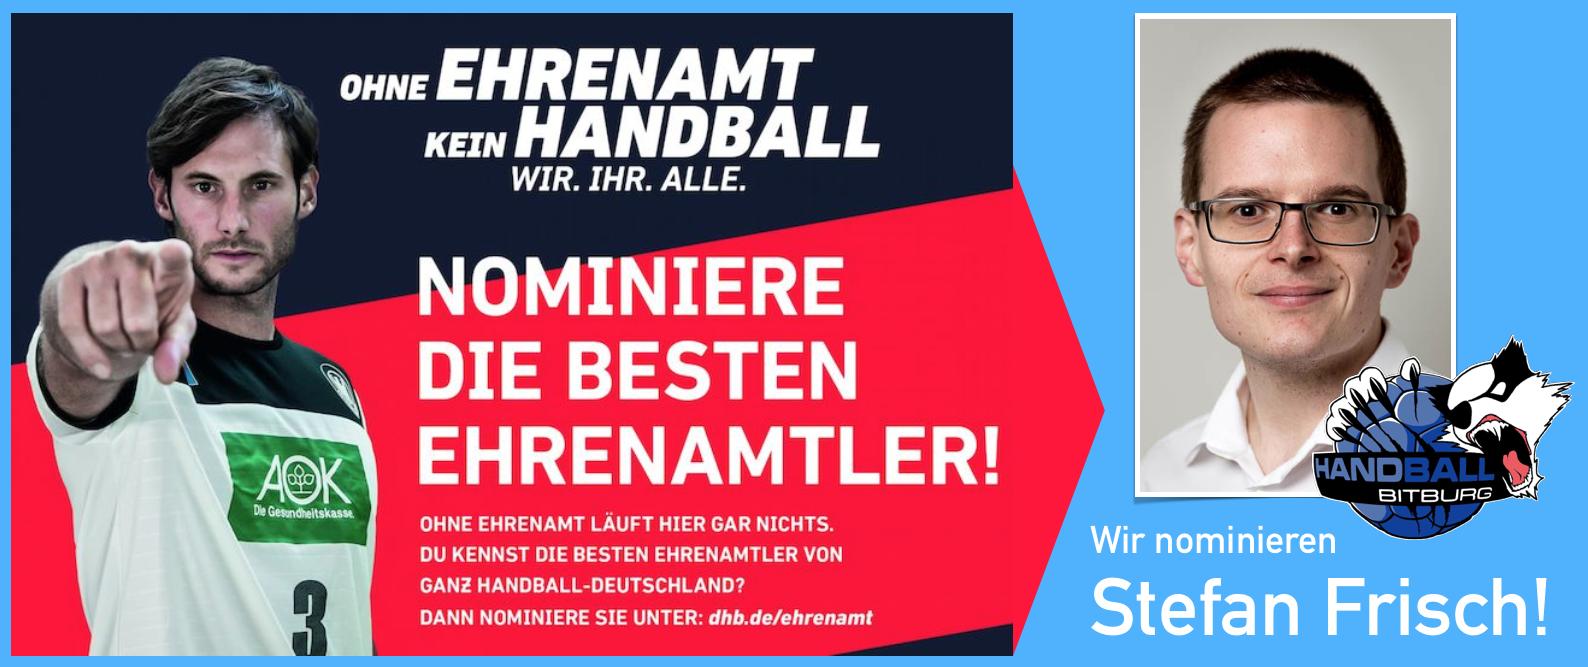 Wir nominieren Stefan Frisch beim DHB als Bester Ehrenamtler! – Helft uns!